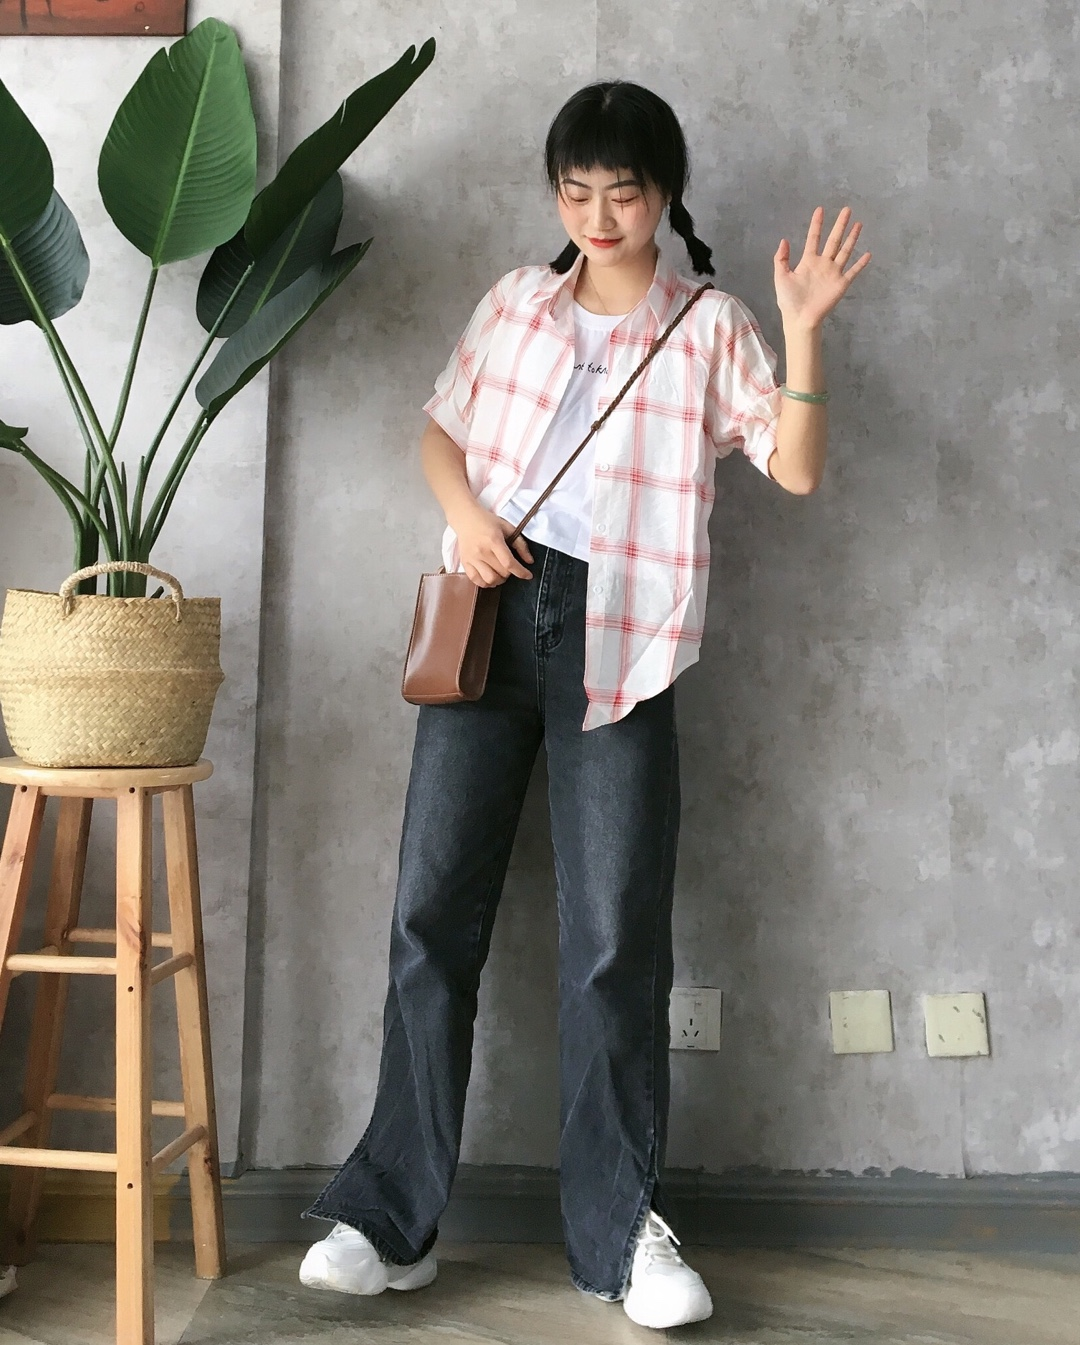 #小仙女的长腿搭配秘籍#假两件的衬衫真的超省心了,搭配拖地长裤,显瘦显高各种场合都适合穿的一套穿搭啊,浅色衬衫也超级衬肤色啊。